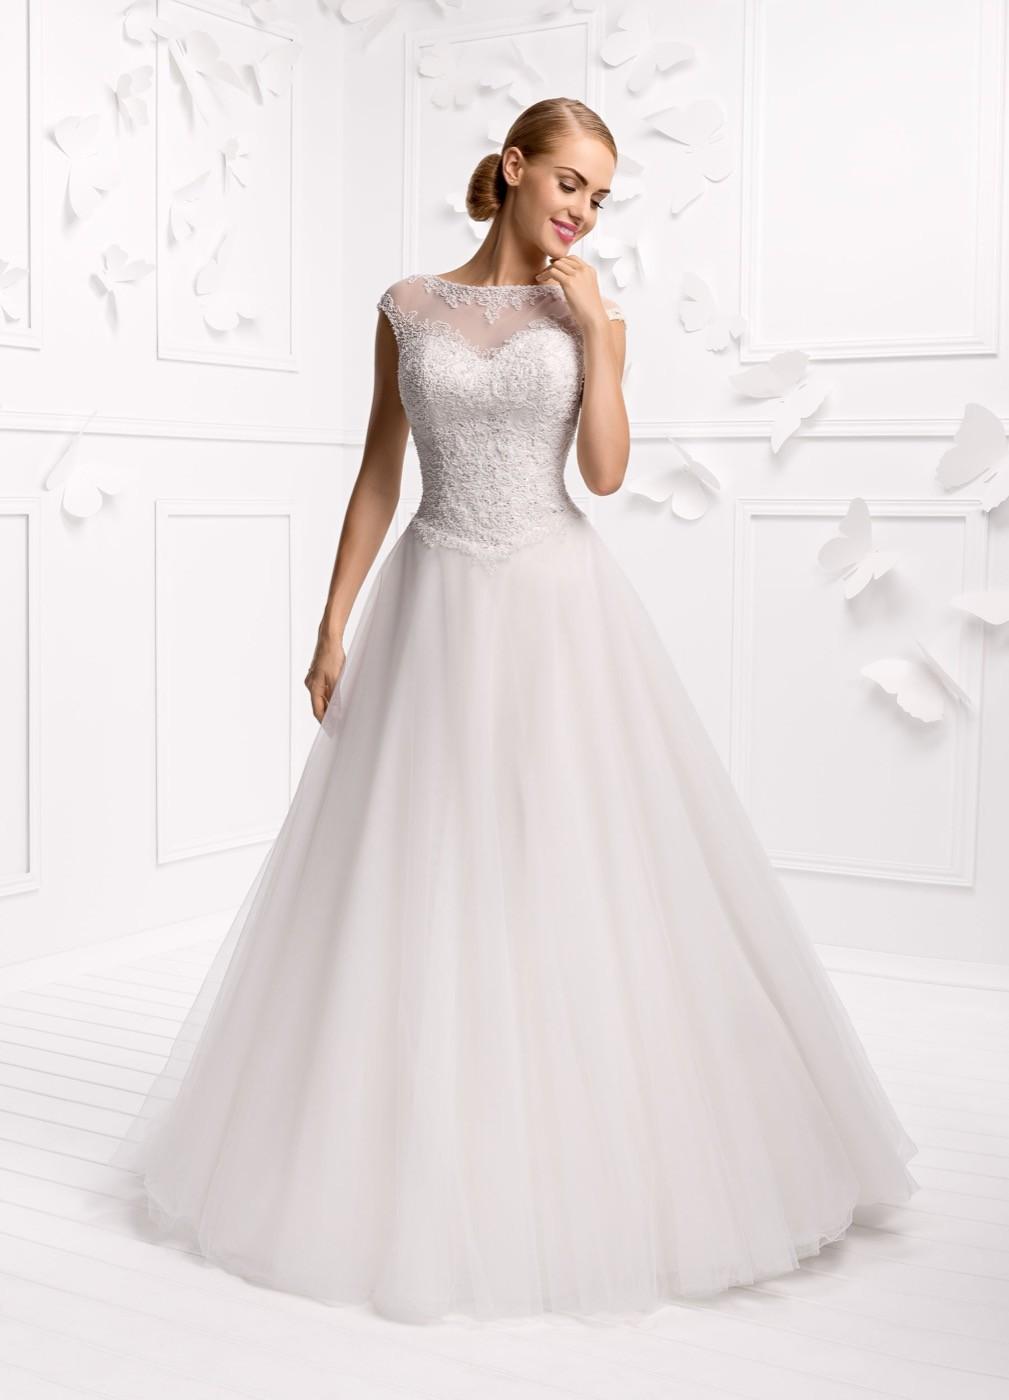 4490b59dcce1 Abiti Da Sposa Su Misura ~ Clare vendita online abiti da sposa su  misurasposatelier